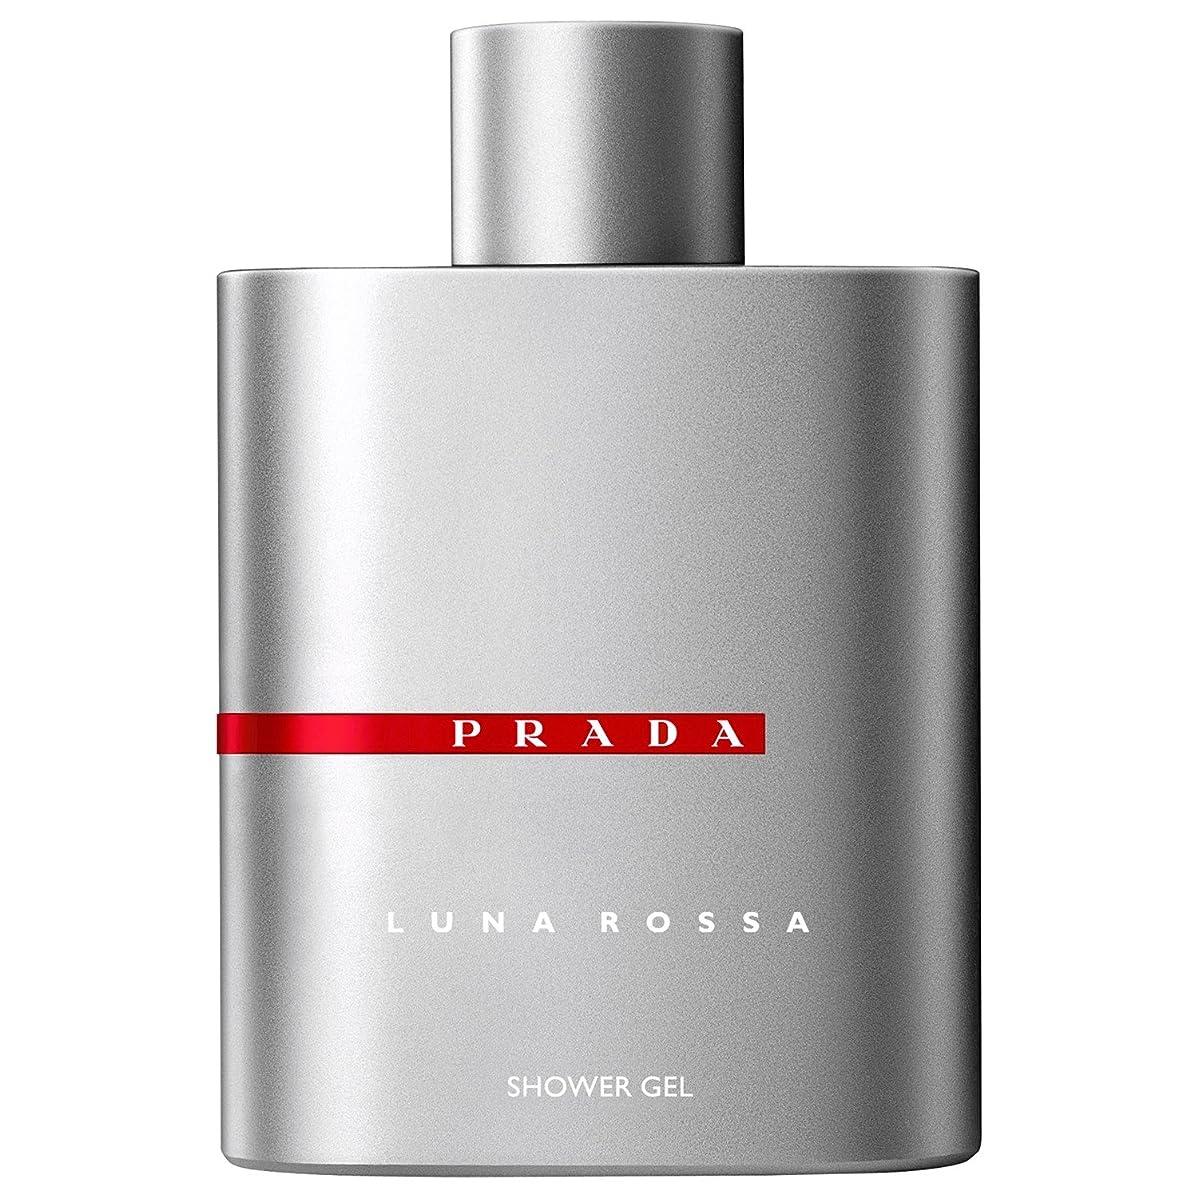 線多様体耐えられないプラダルナロッサシャワージェル150ミリリットル (Prada) - Prada Luna Rossa Shower Gel 150ml [並行輸入品]